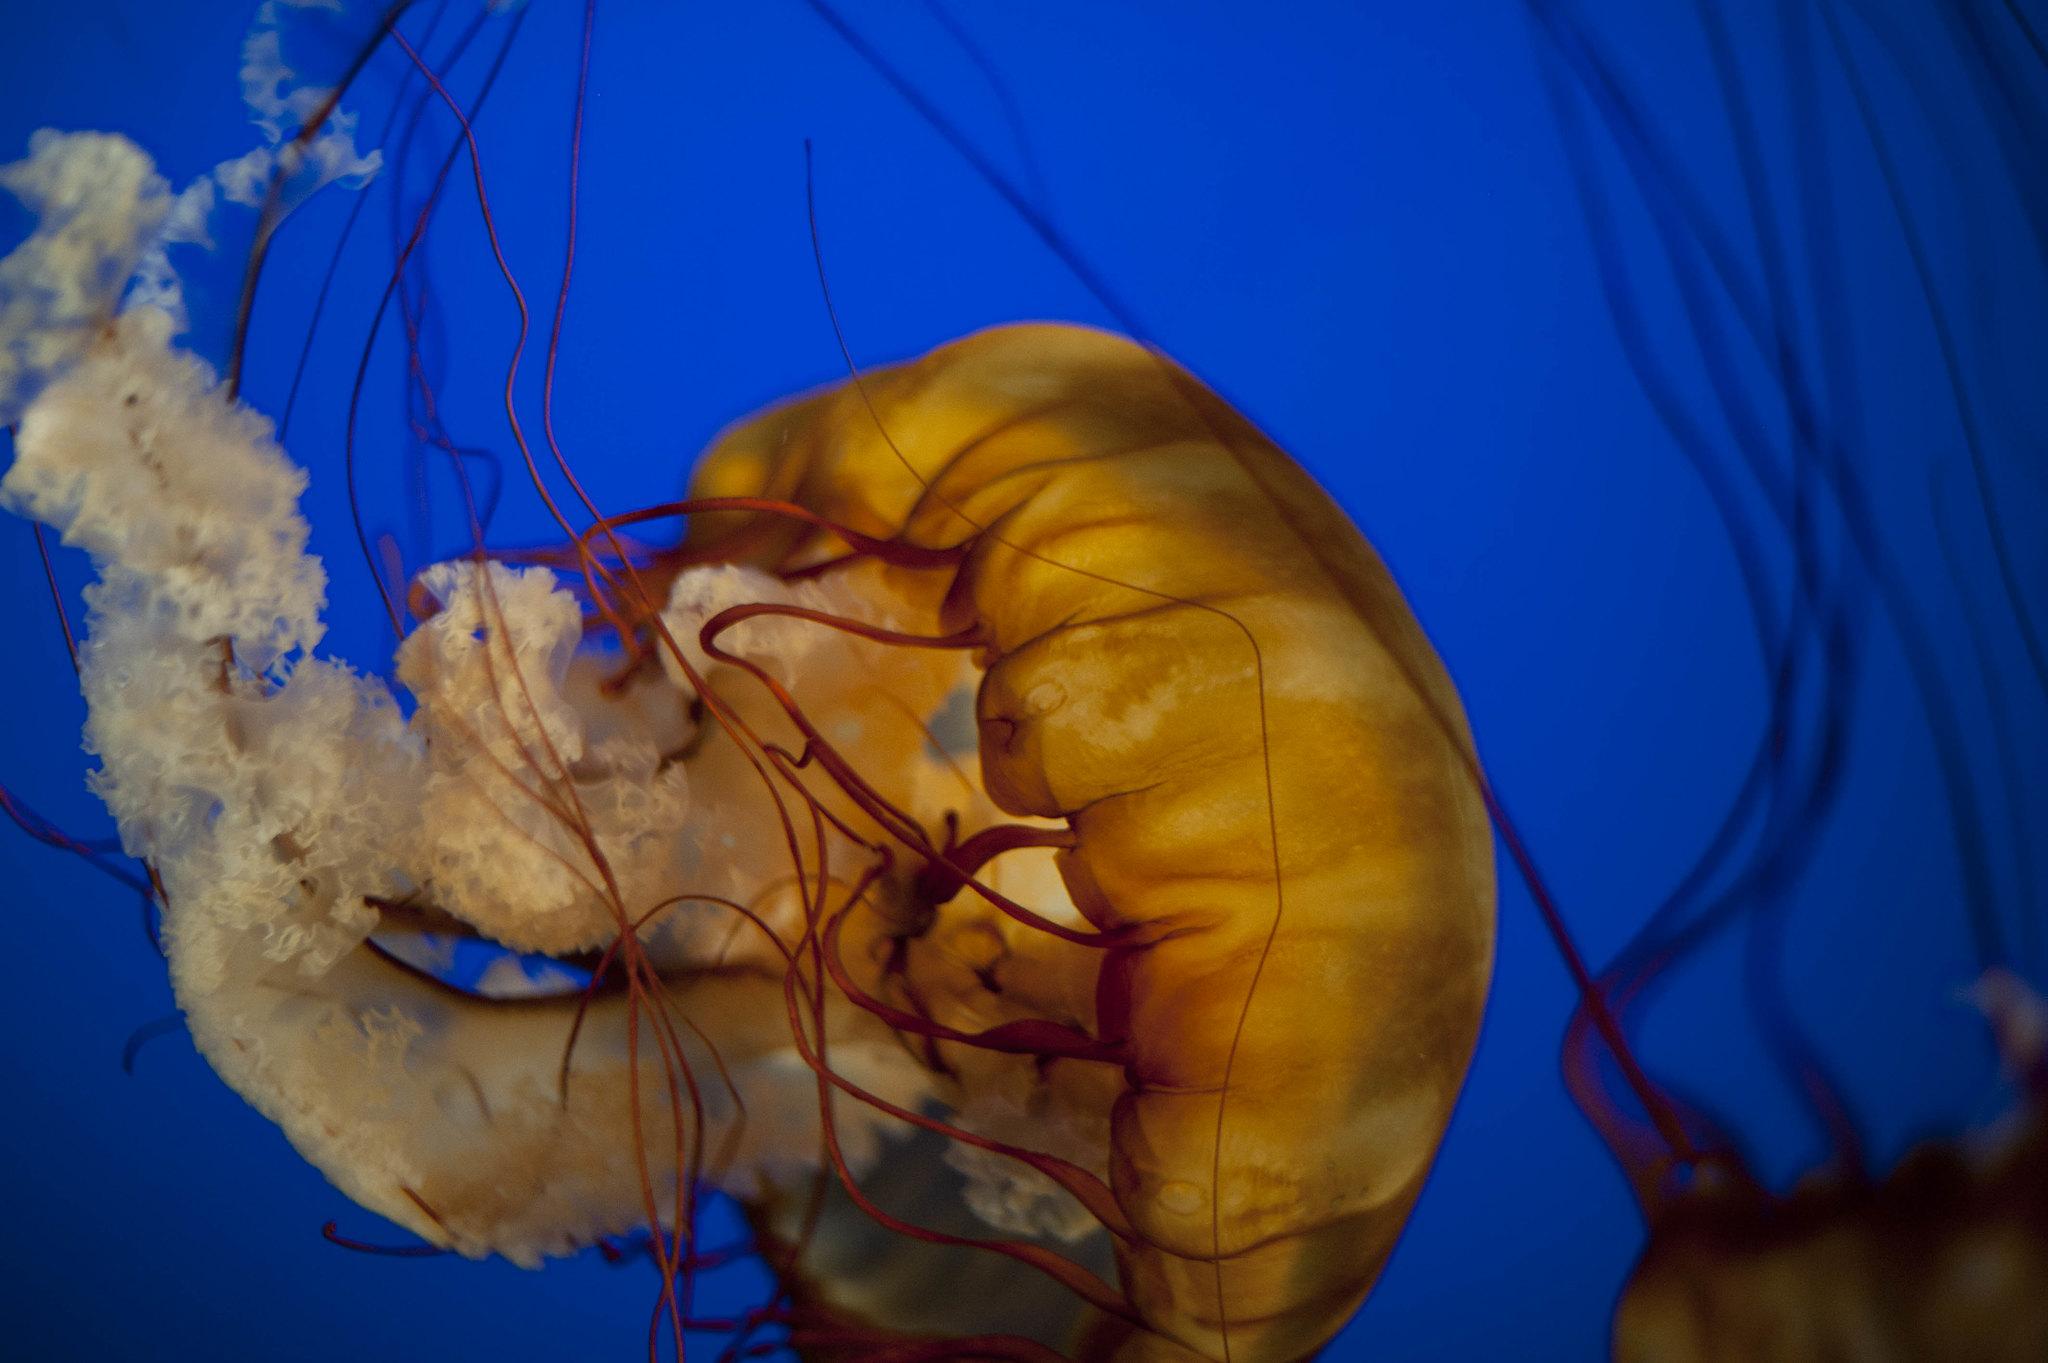 medusa criniera di leone